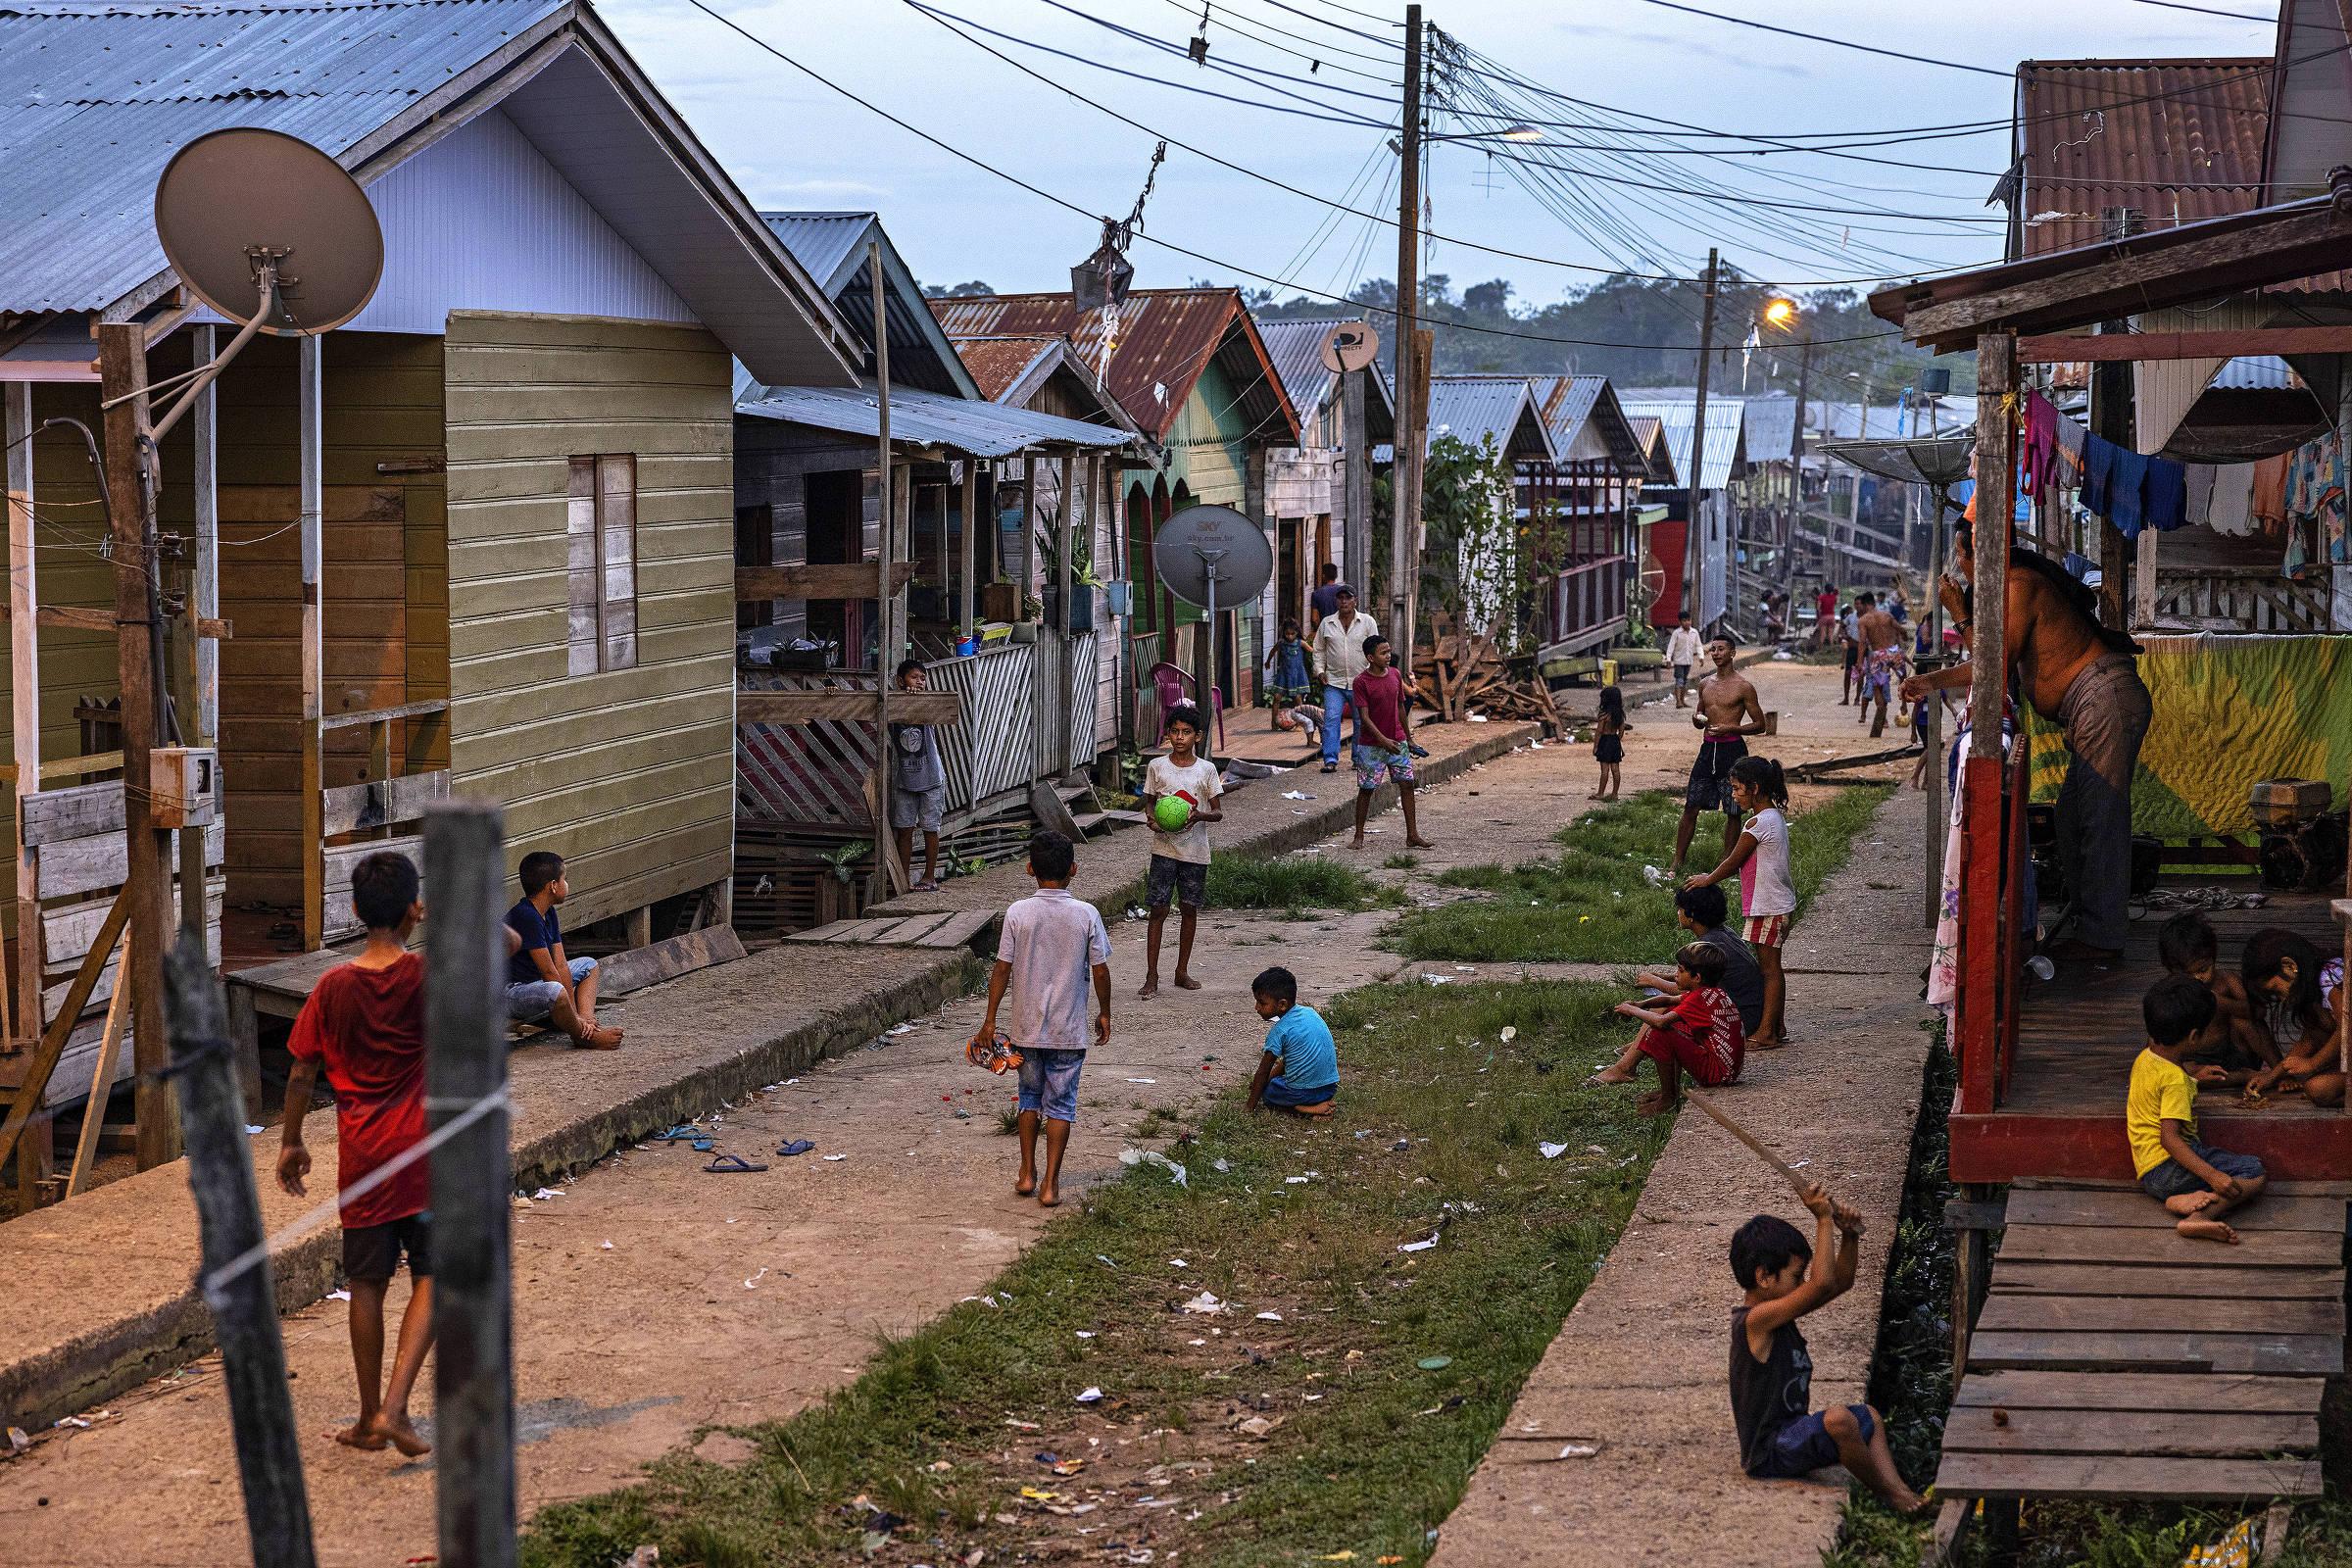 Crianças brincam no final da tarde em uma rua de Atalaia do Norte